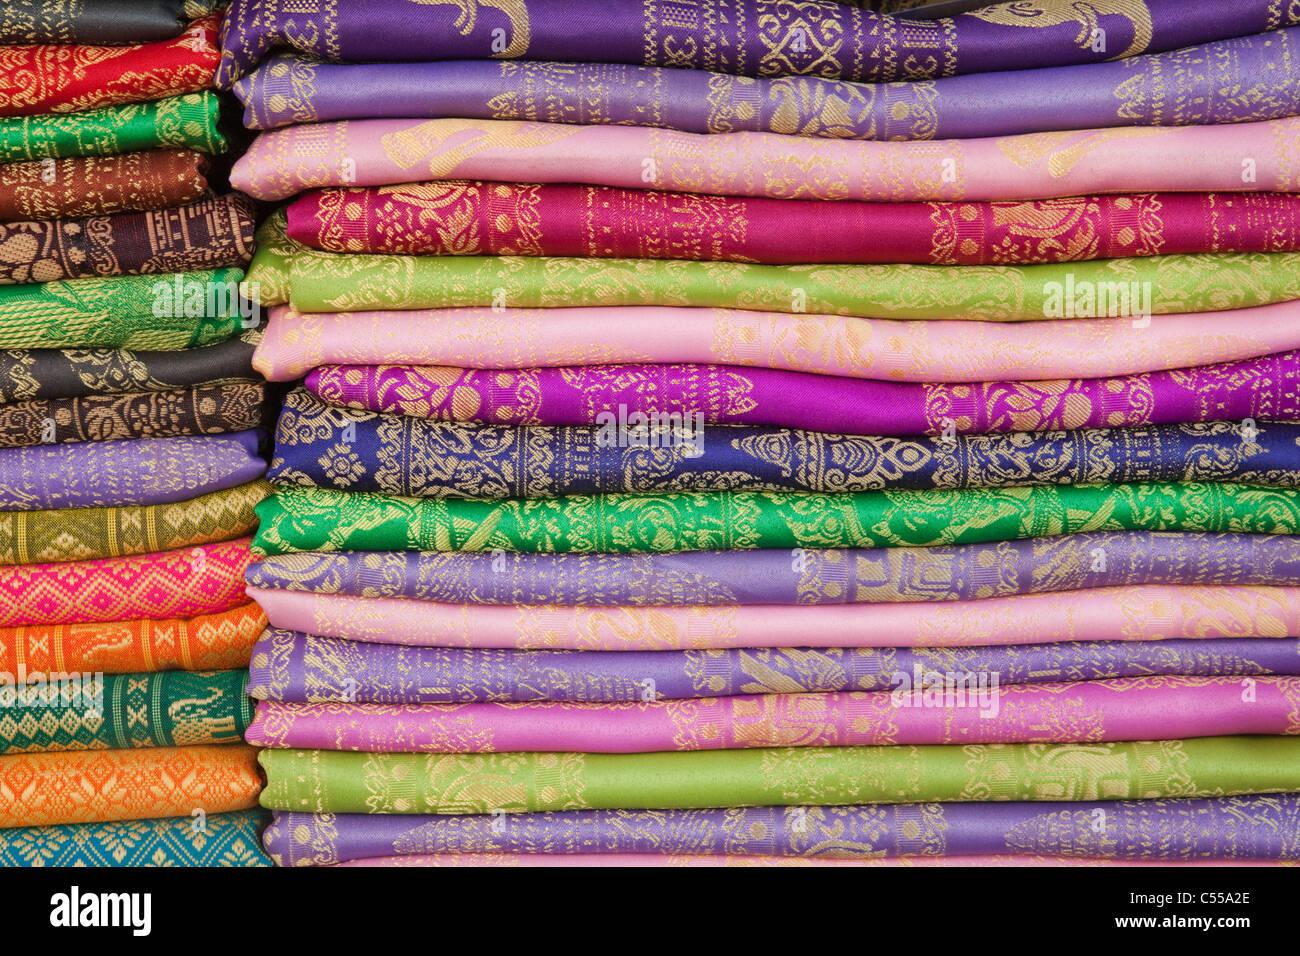 Detail der Seidenstoff, Phnom Penh, Kambodscha Stockbild